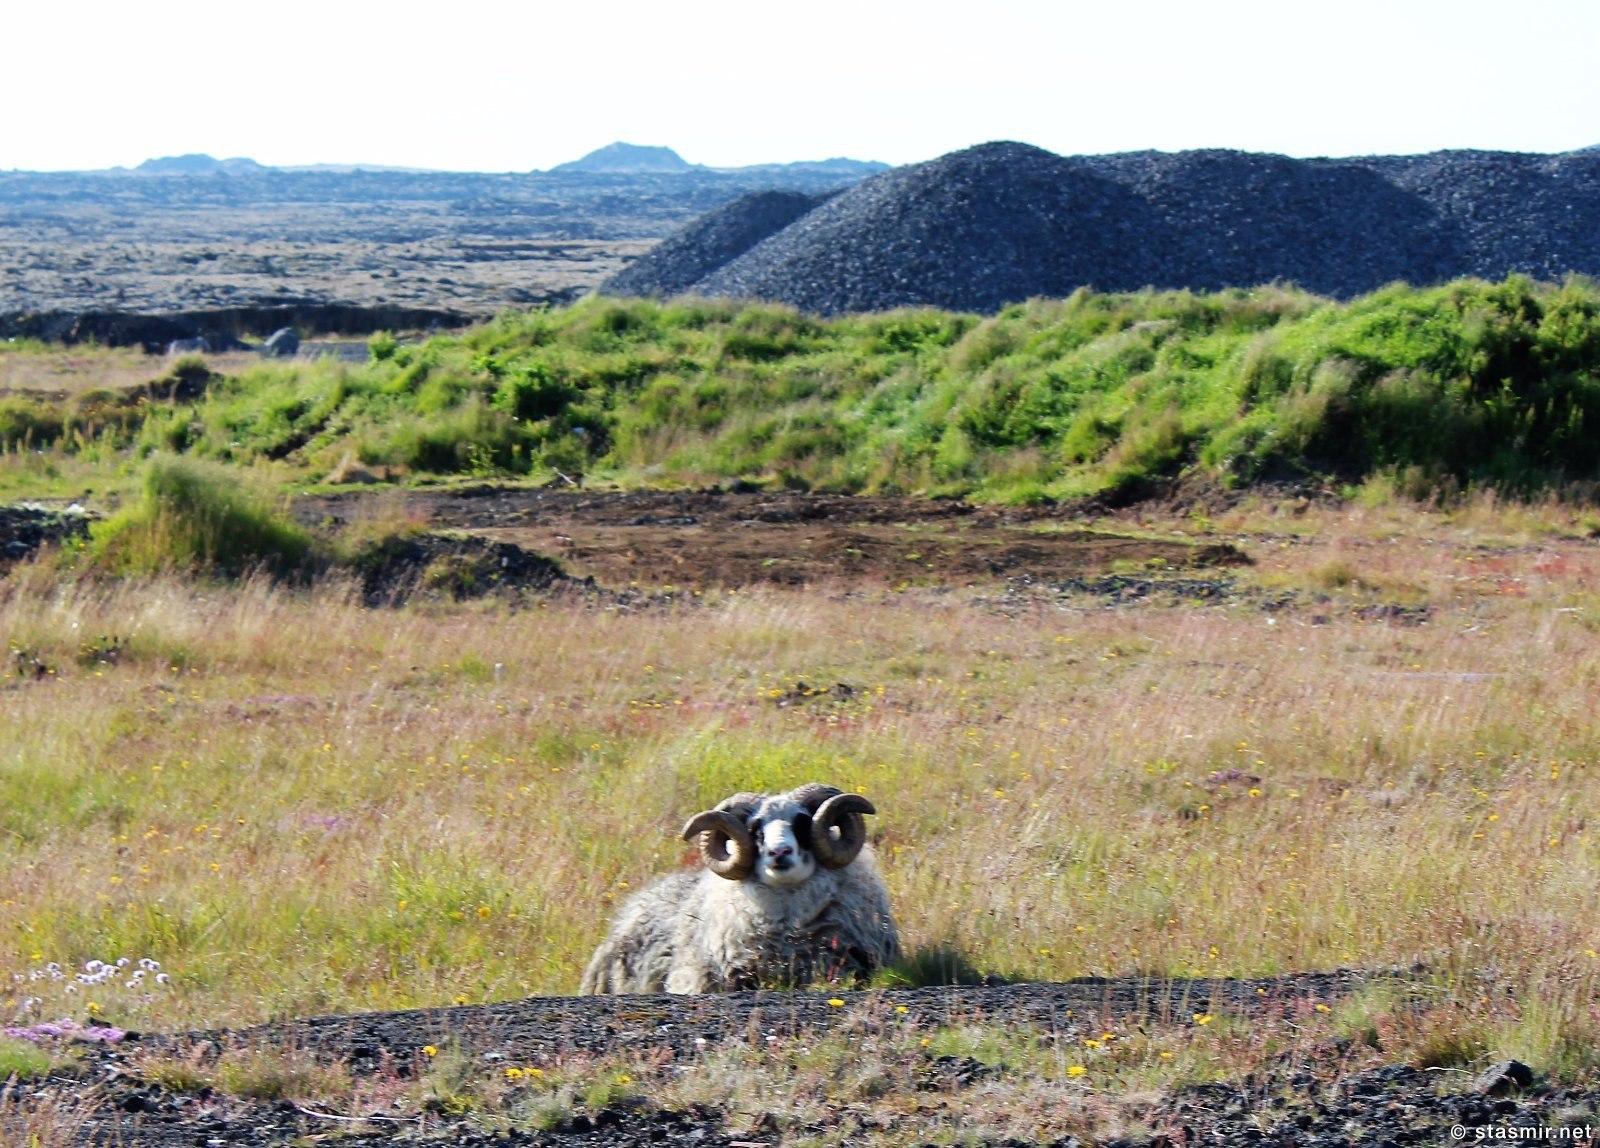 Исландский баран, исландская порода овцы, фото Стасмир, photo Stasmir